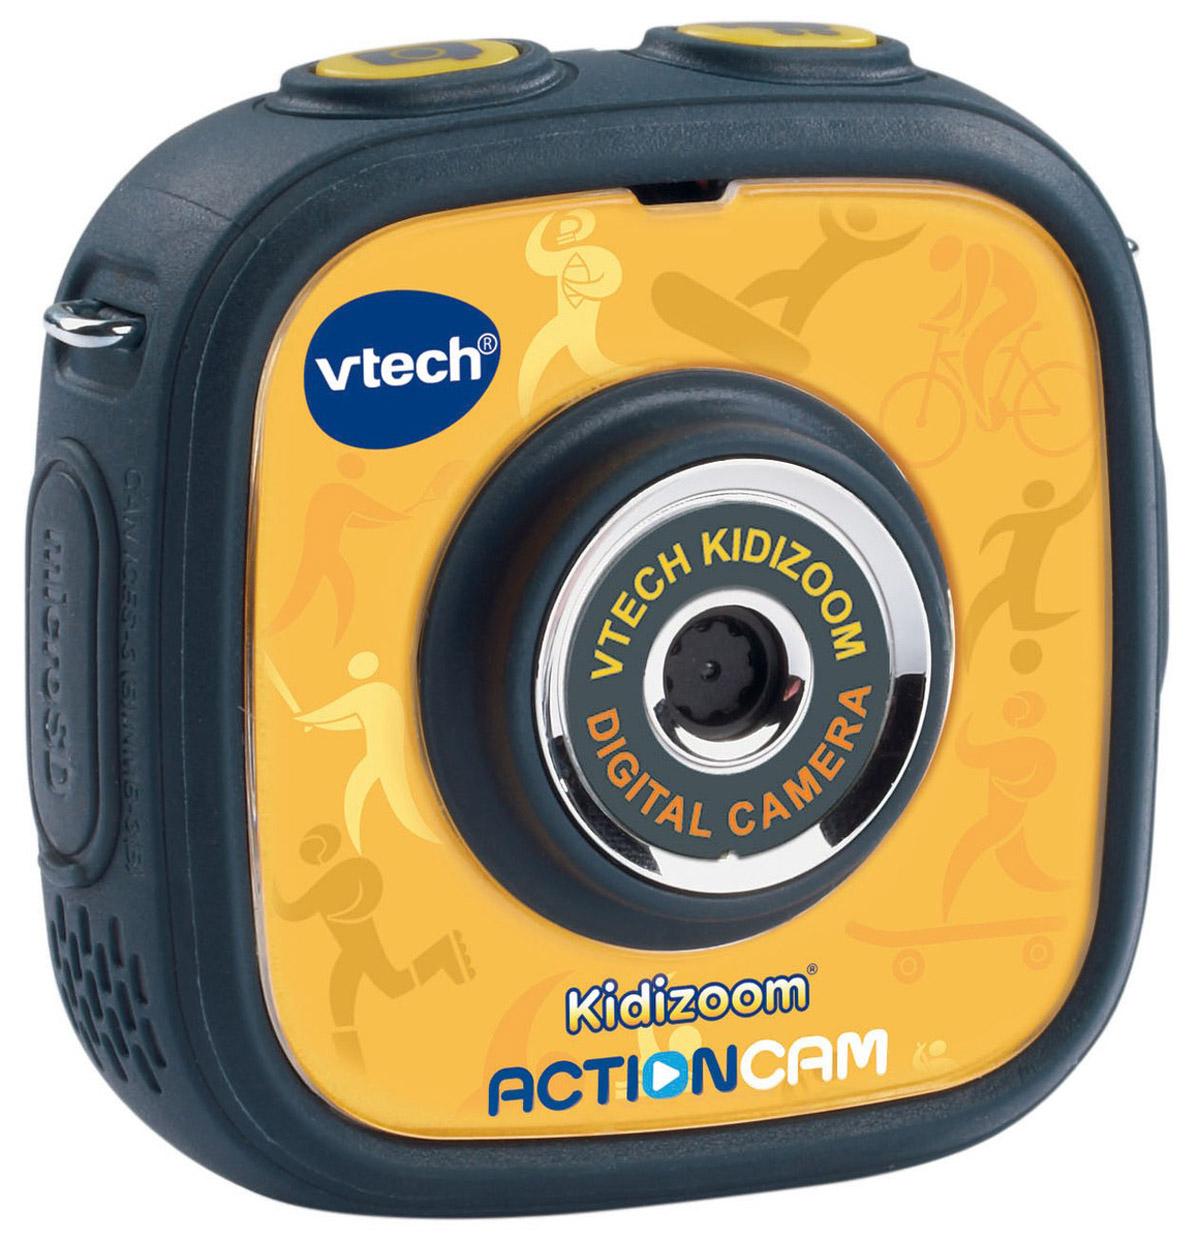 Vtech Детская экшн-камера Kidizoom Action Cam80-170700Vtech Kidizoom Action Cam - многофункциональная и простая экшн-камера, разработанная специально для детей! С ней дети смогут снимать динамические видео, делать фото, накладывать анимацию и различные эффекты, играть в игры и даже снимать под водой! Камера с разрешением 0,3 Мпикс позволяет снимать красочные фото и видео. Благодаря специальному держателю камеру можно закрепить на велосипеде или скейте и снимать свои приключения. Водонепроницаемые прочный корпус позволяет делать съемки под водой на глубине до 1,5 метров. Применив необычные фильтры и эффекты к фото и видеороликам, можно перенести изображения на компьютер при помощи usb-кабеля, который входит в комплект. Помимо возможности фото и видеосъемки в Kidizoom Action Cam есть также 3 увлекательные встроенные игры, которые не дадут малышу скучать в перерывах между съемками. Особенности камеры:Прочная, водонепроницаемая камера,Разрешение: 0.3 Мп,Крепления для велосипеда и скейта,Водонепроницаемый чехол для съемки под водой,128 МБ встроенной памяти (на 600 фото) + слот для micro SD/SDHC карт до 32 ГБ,Запись видео до 2,5 часов без подзарядки,3 игры,Покадровая анимация,Возможность подключения к ПК (кабель входит в комплект),Цветной дисплей (1.41 дюйма),Возможность применять забавные эффекты к фотографиям и видеороликам,Встроенный Li-ion аккумулятор,Шнурок-петля.Продается в стильной коробке и идеально подходит в качестве подарка. Компания Vtech - лидирующий поставщик электронных обучающих игрушек для детей. Цифровые игрушки и товары для детей Витек позволяют детям развивать свои творческие навыки, креативность, способность изучать окружающий мир, учиться читать и считать.Как выбрать экшн-камеру. Статья OZON Гид